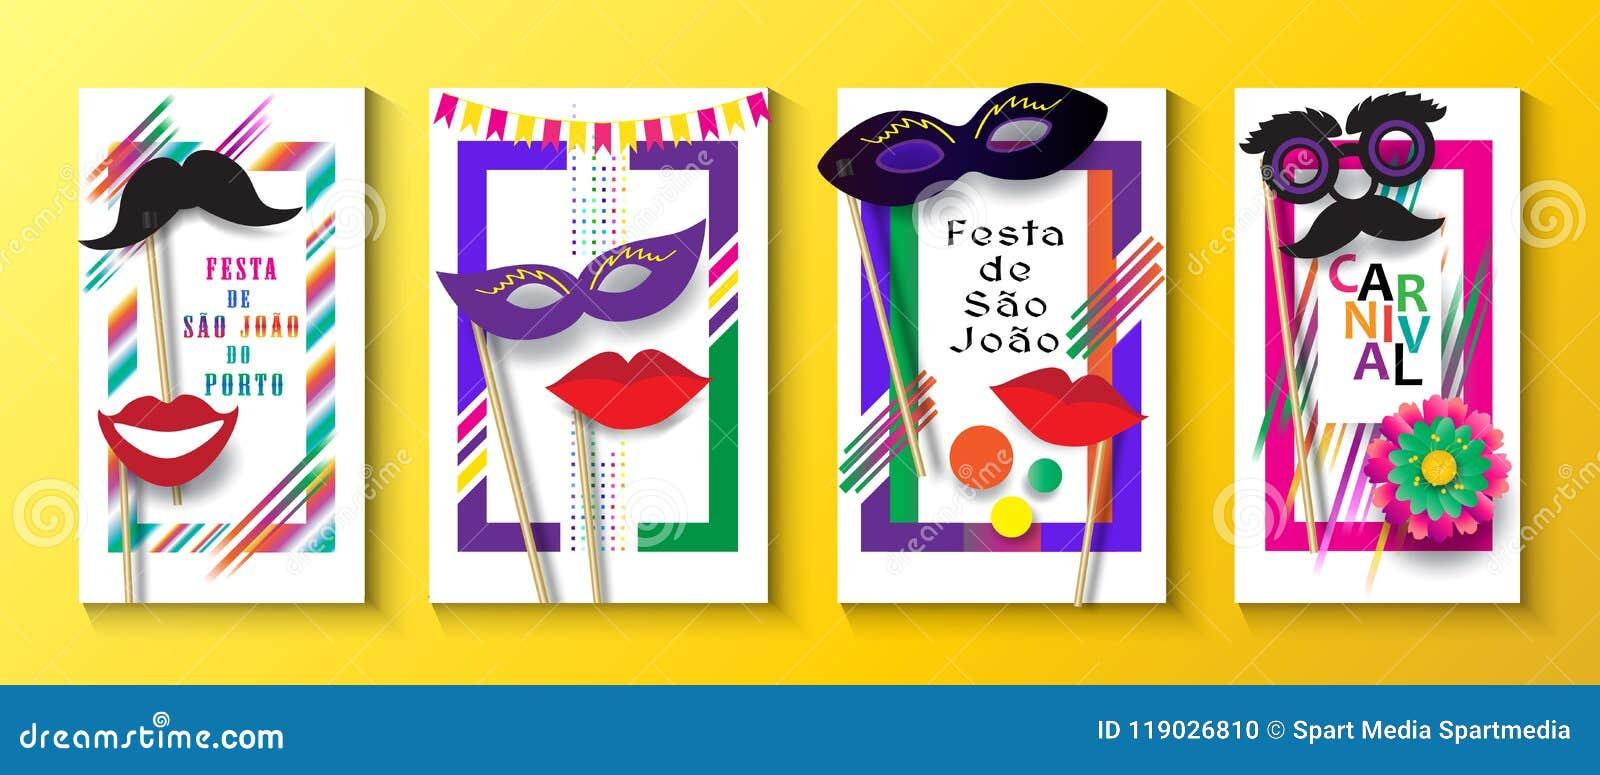 Φεστιβάλ Πόρτο Joalo καρναβάλι Βραζιλία Σάο Junina Festa